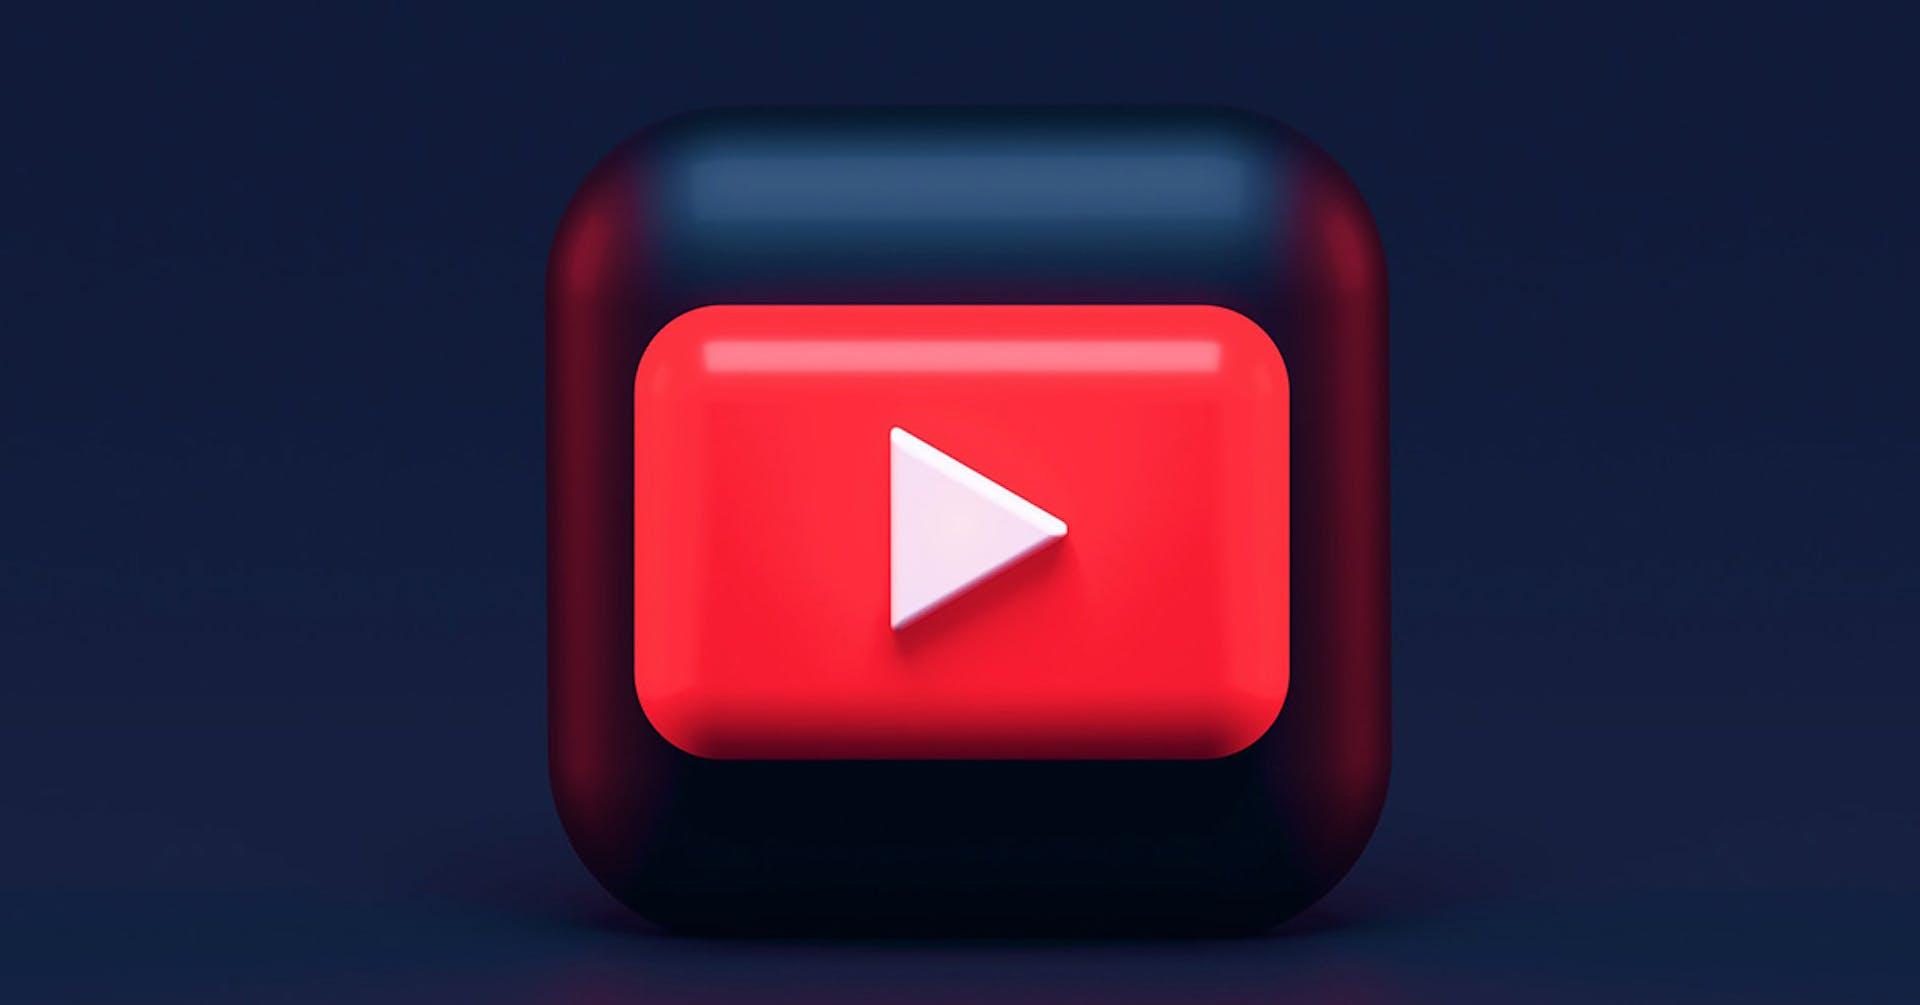 Aplicaciones para editar videos para Youtube: ¡Edita tus videos favoritos ahora!